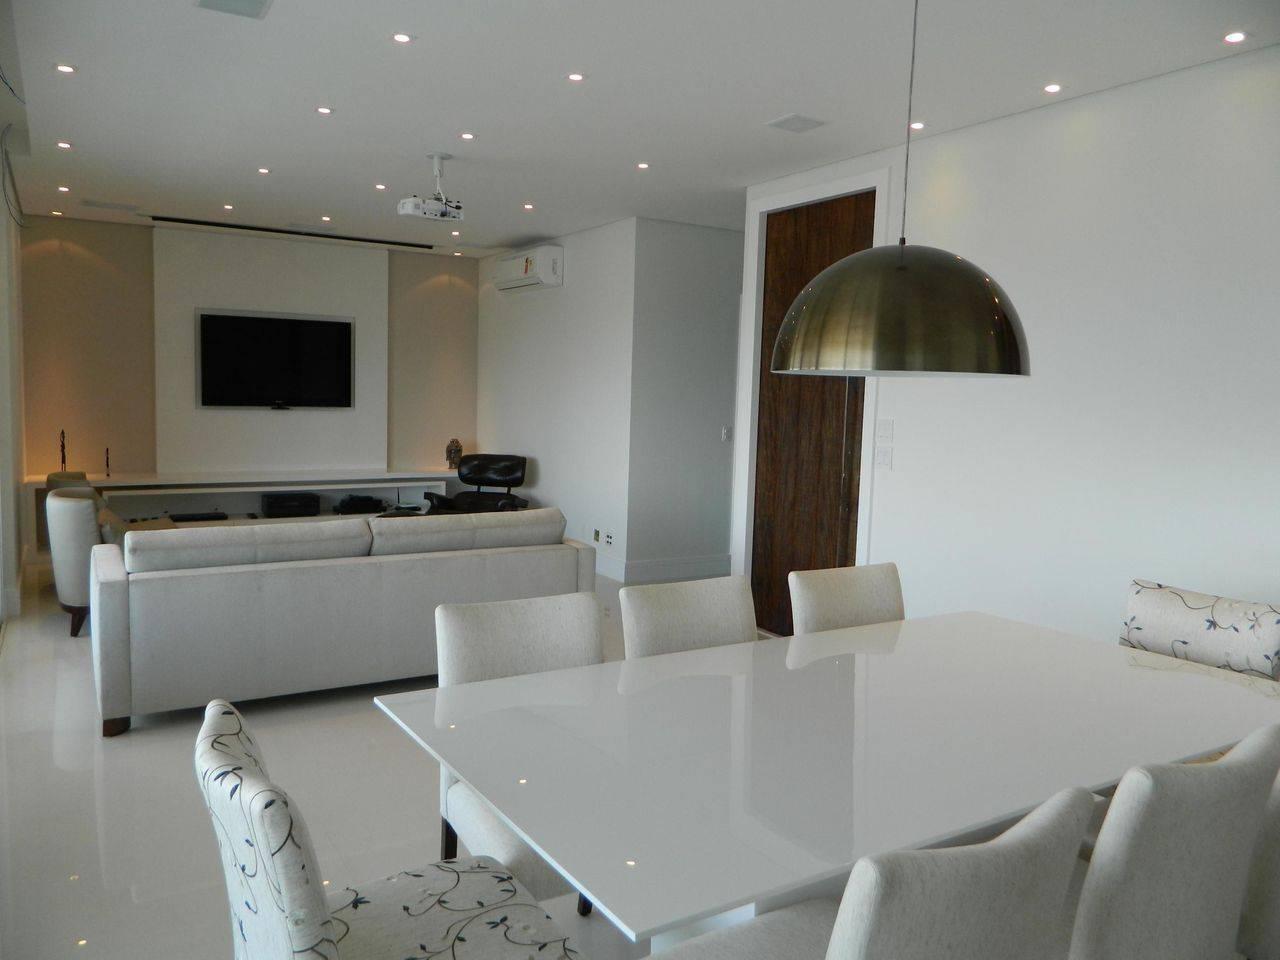 cadeiras sala de estar branco total adriana victorelli 5162